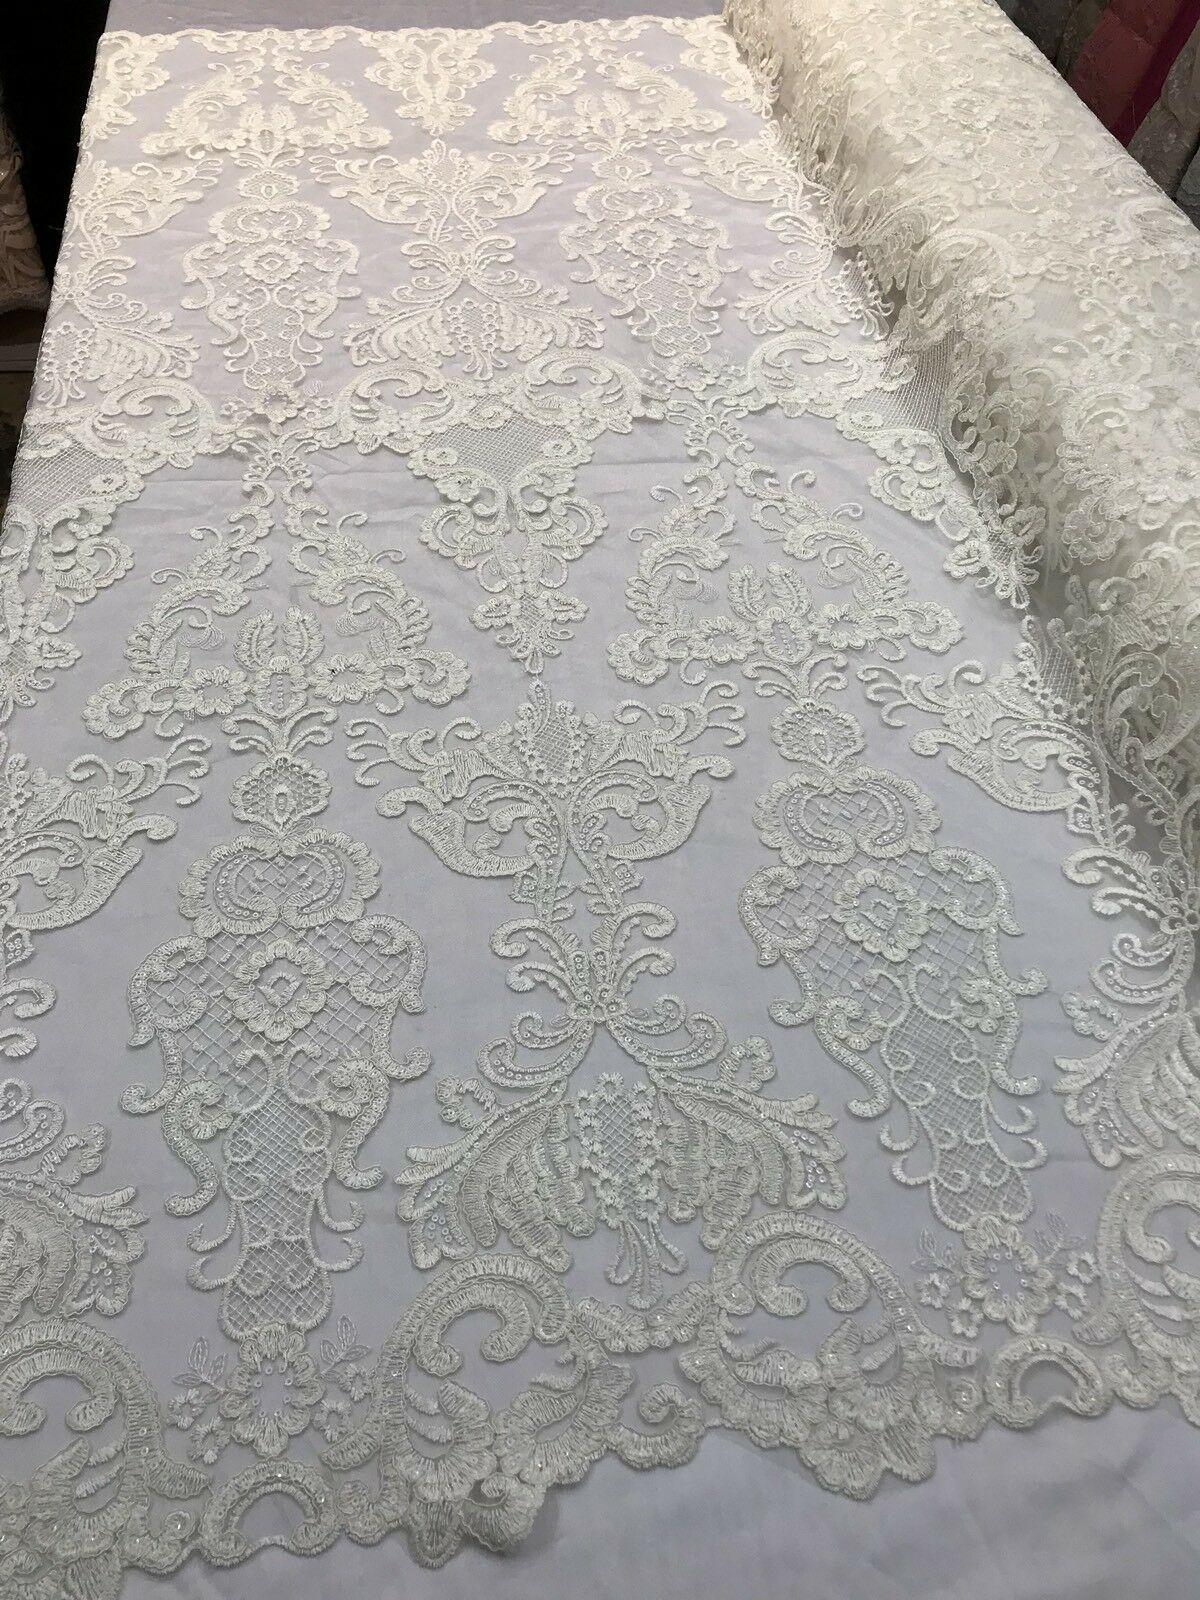 Ivory French Chantilly Eyelash Trim Design-wedding-bridal-5 inches Tall-by Yard.